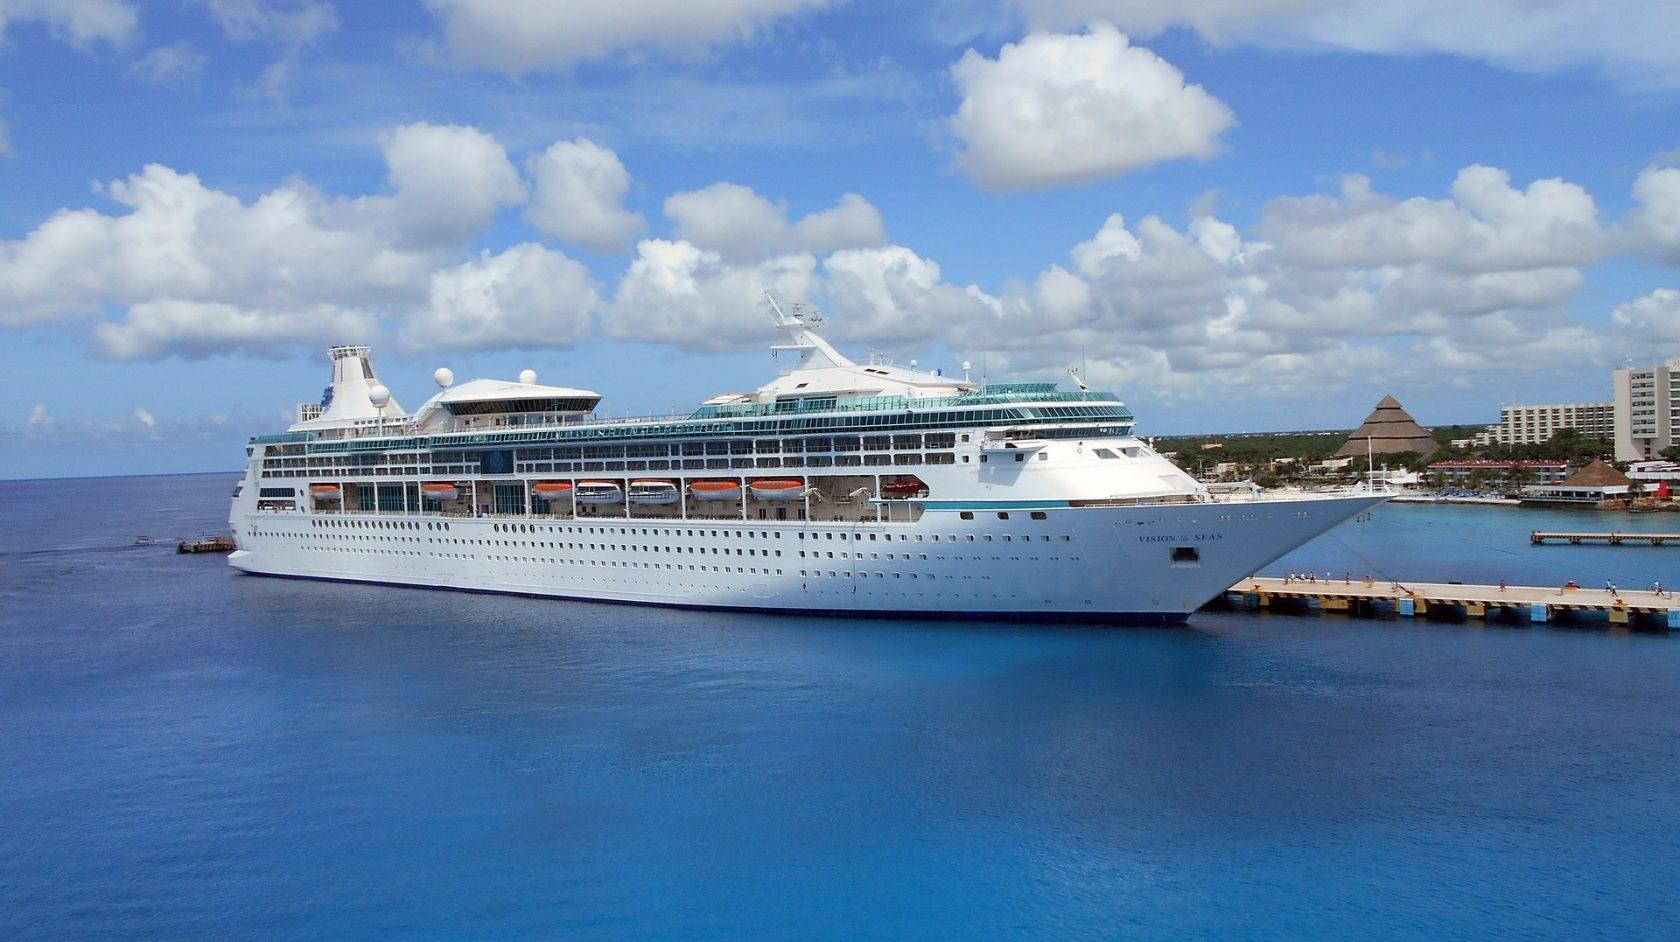 Miami Hotel Miami Hoteles Atton Brickell Miami - Miami hotels close to cruise ship port